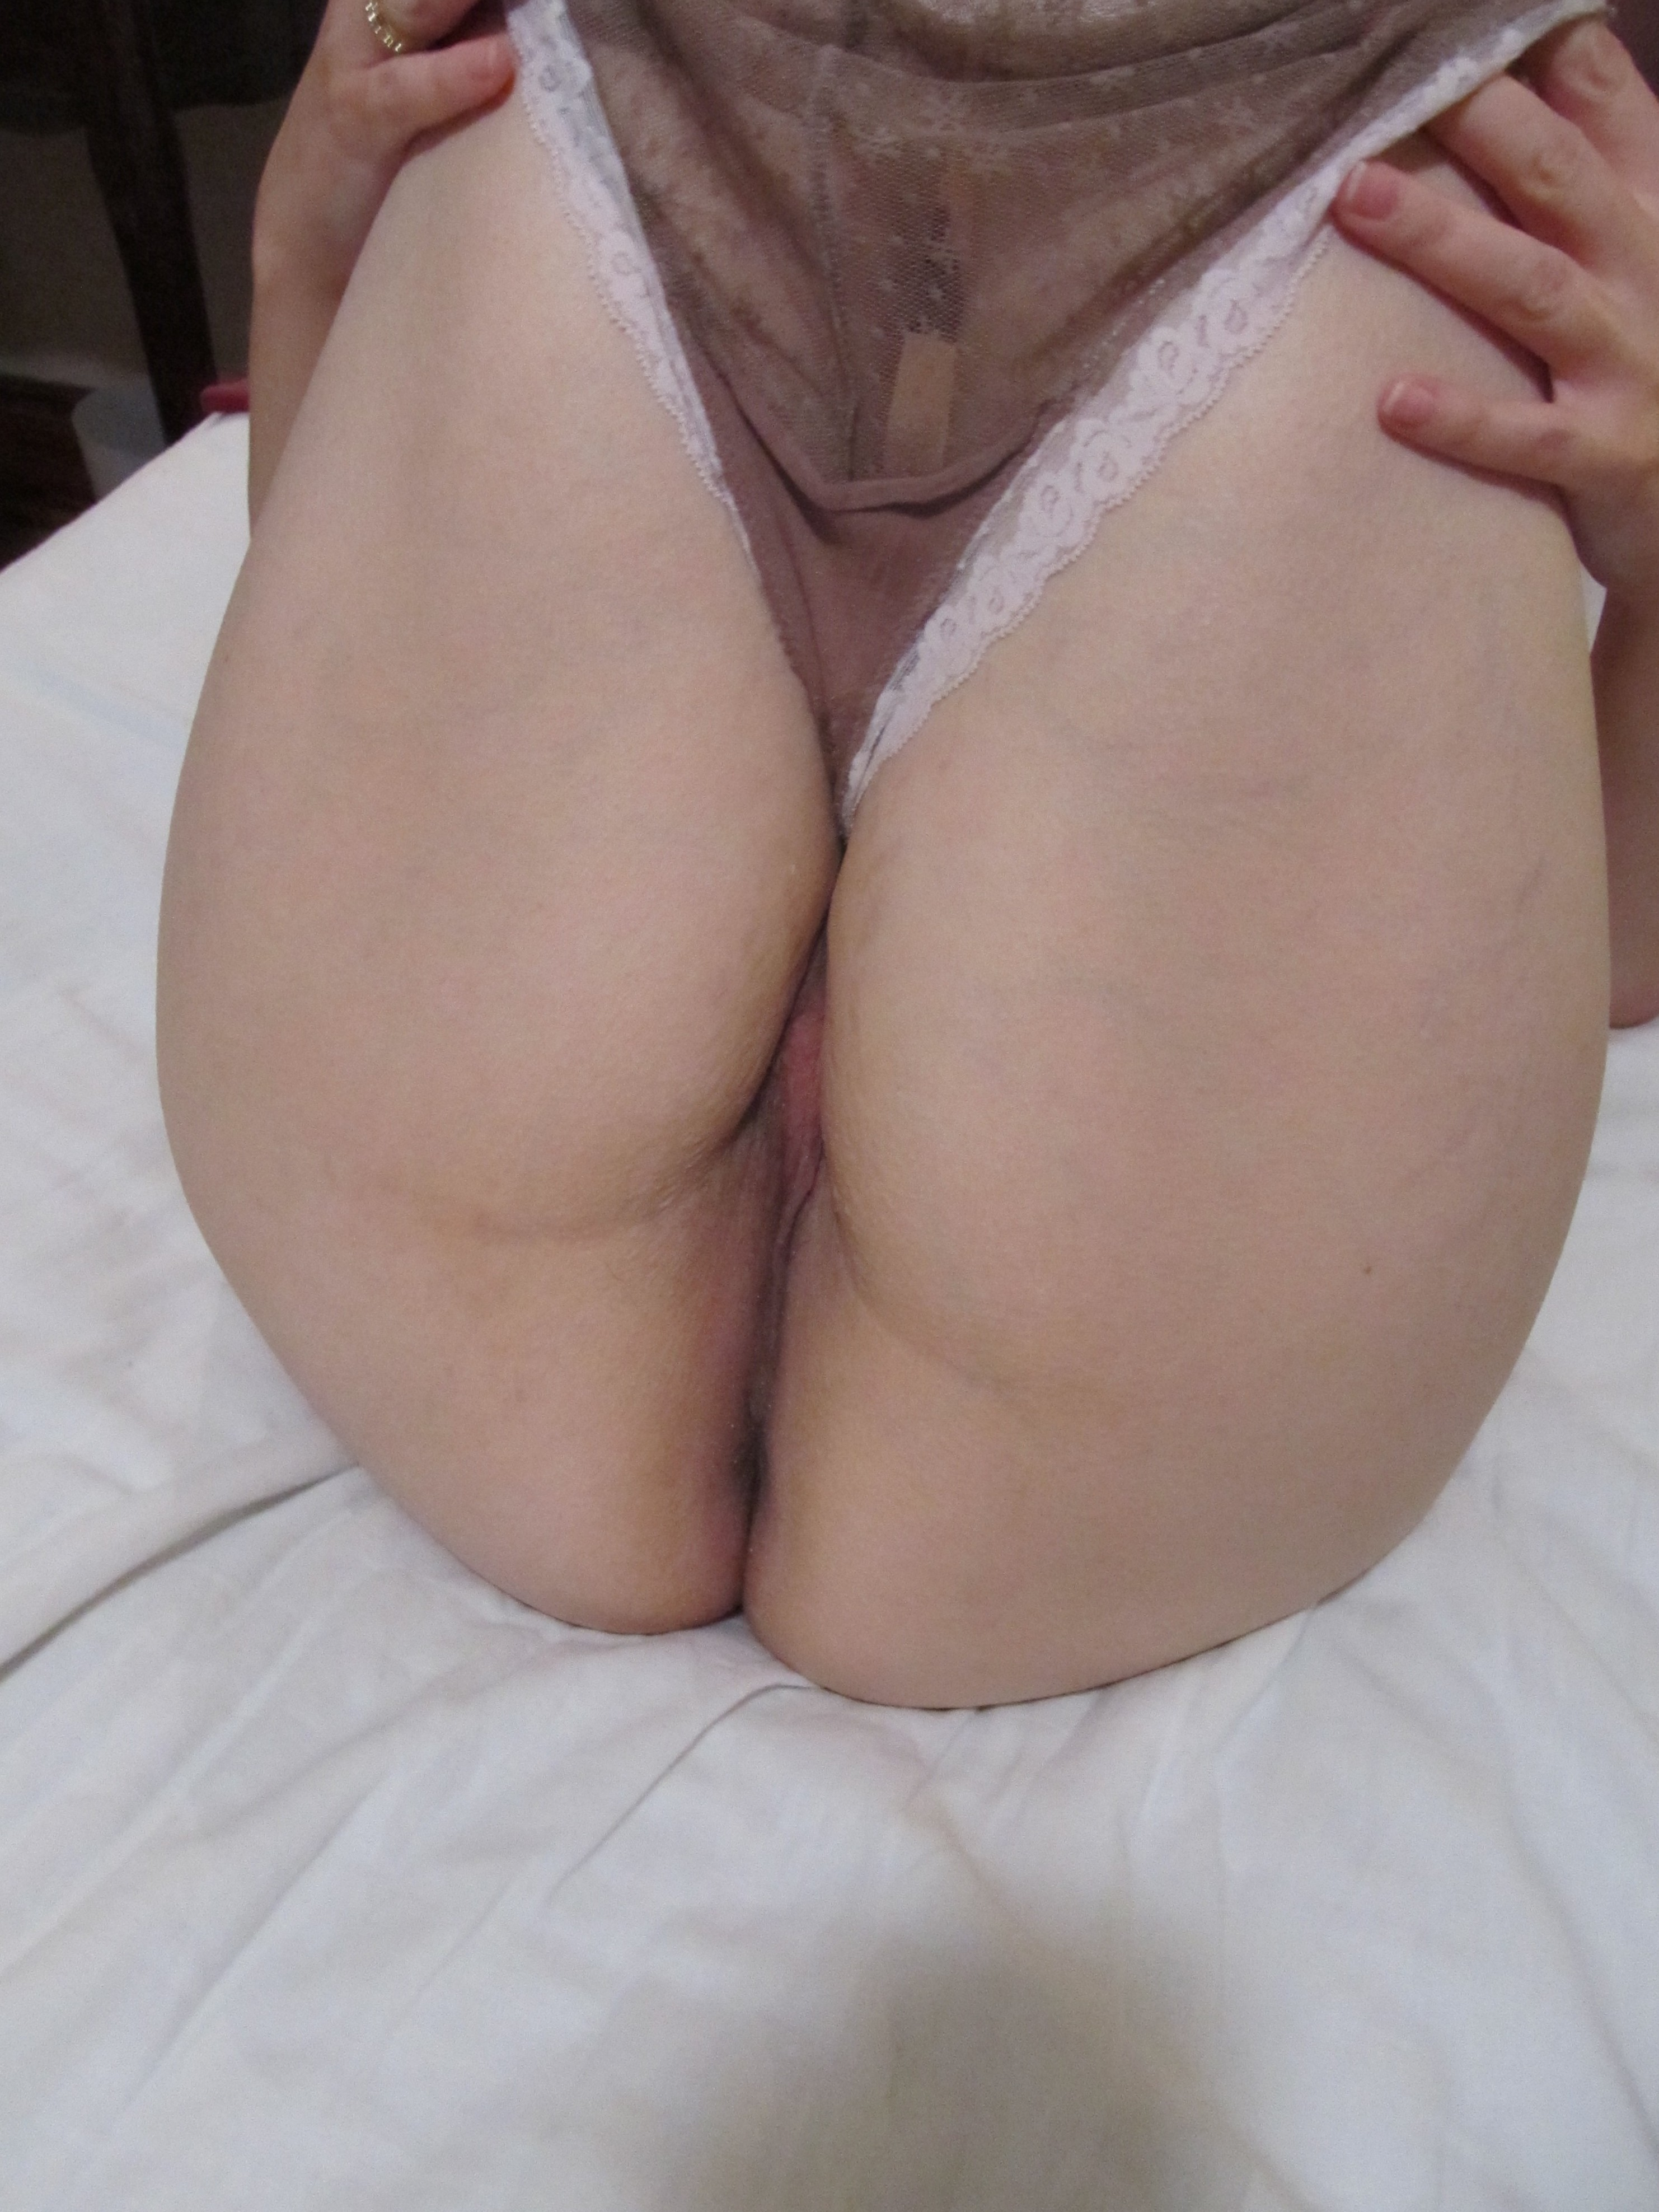 peeling off the panties